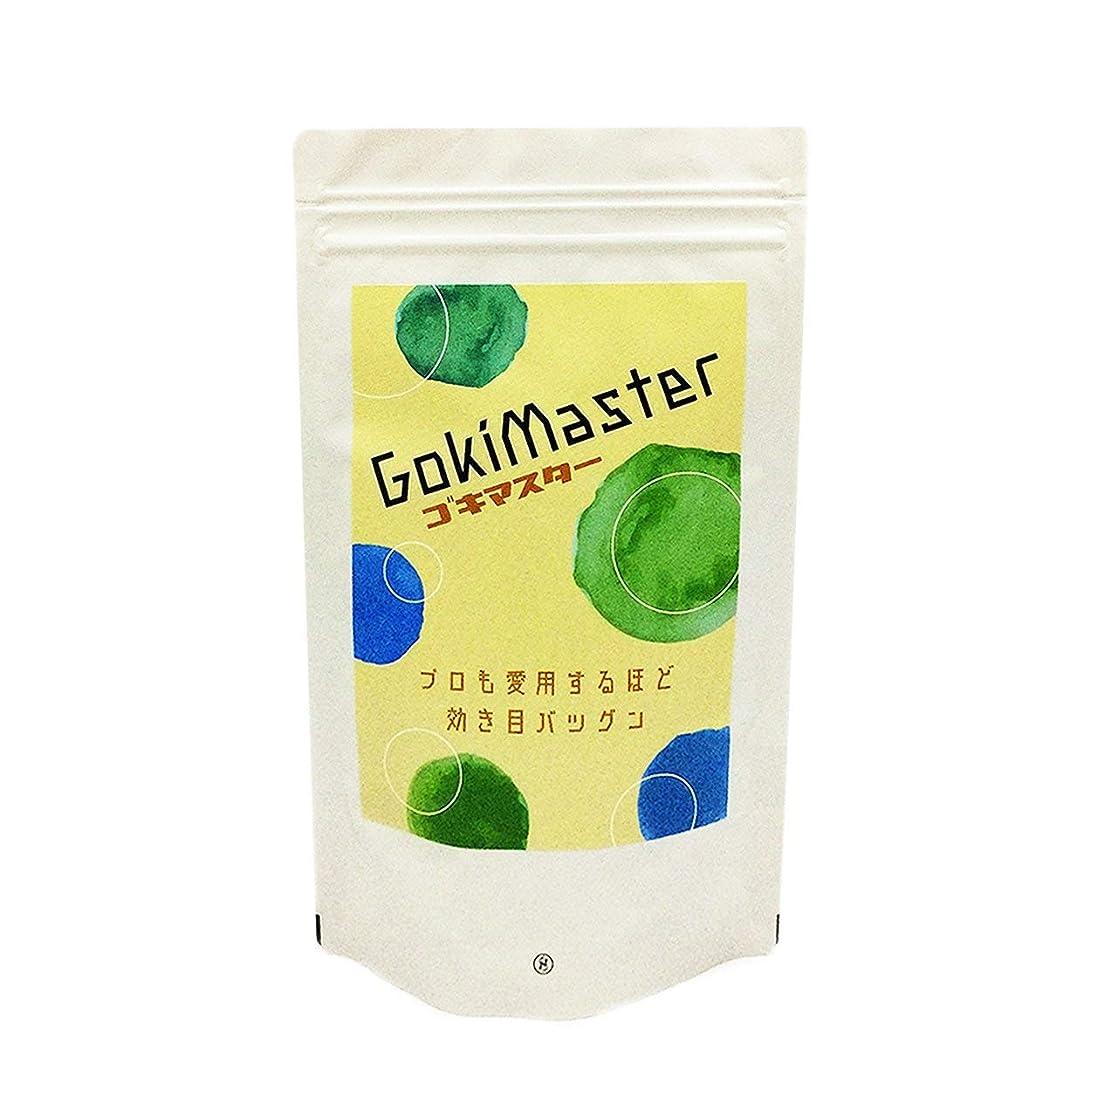 おいしいおいしいはがきフマキラー 蟻 ムカデ 駆除 殺虫剤 粉剤 1kg